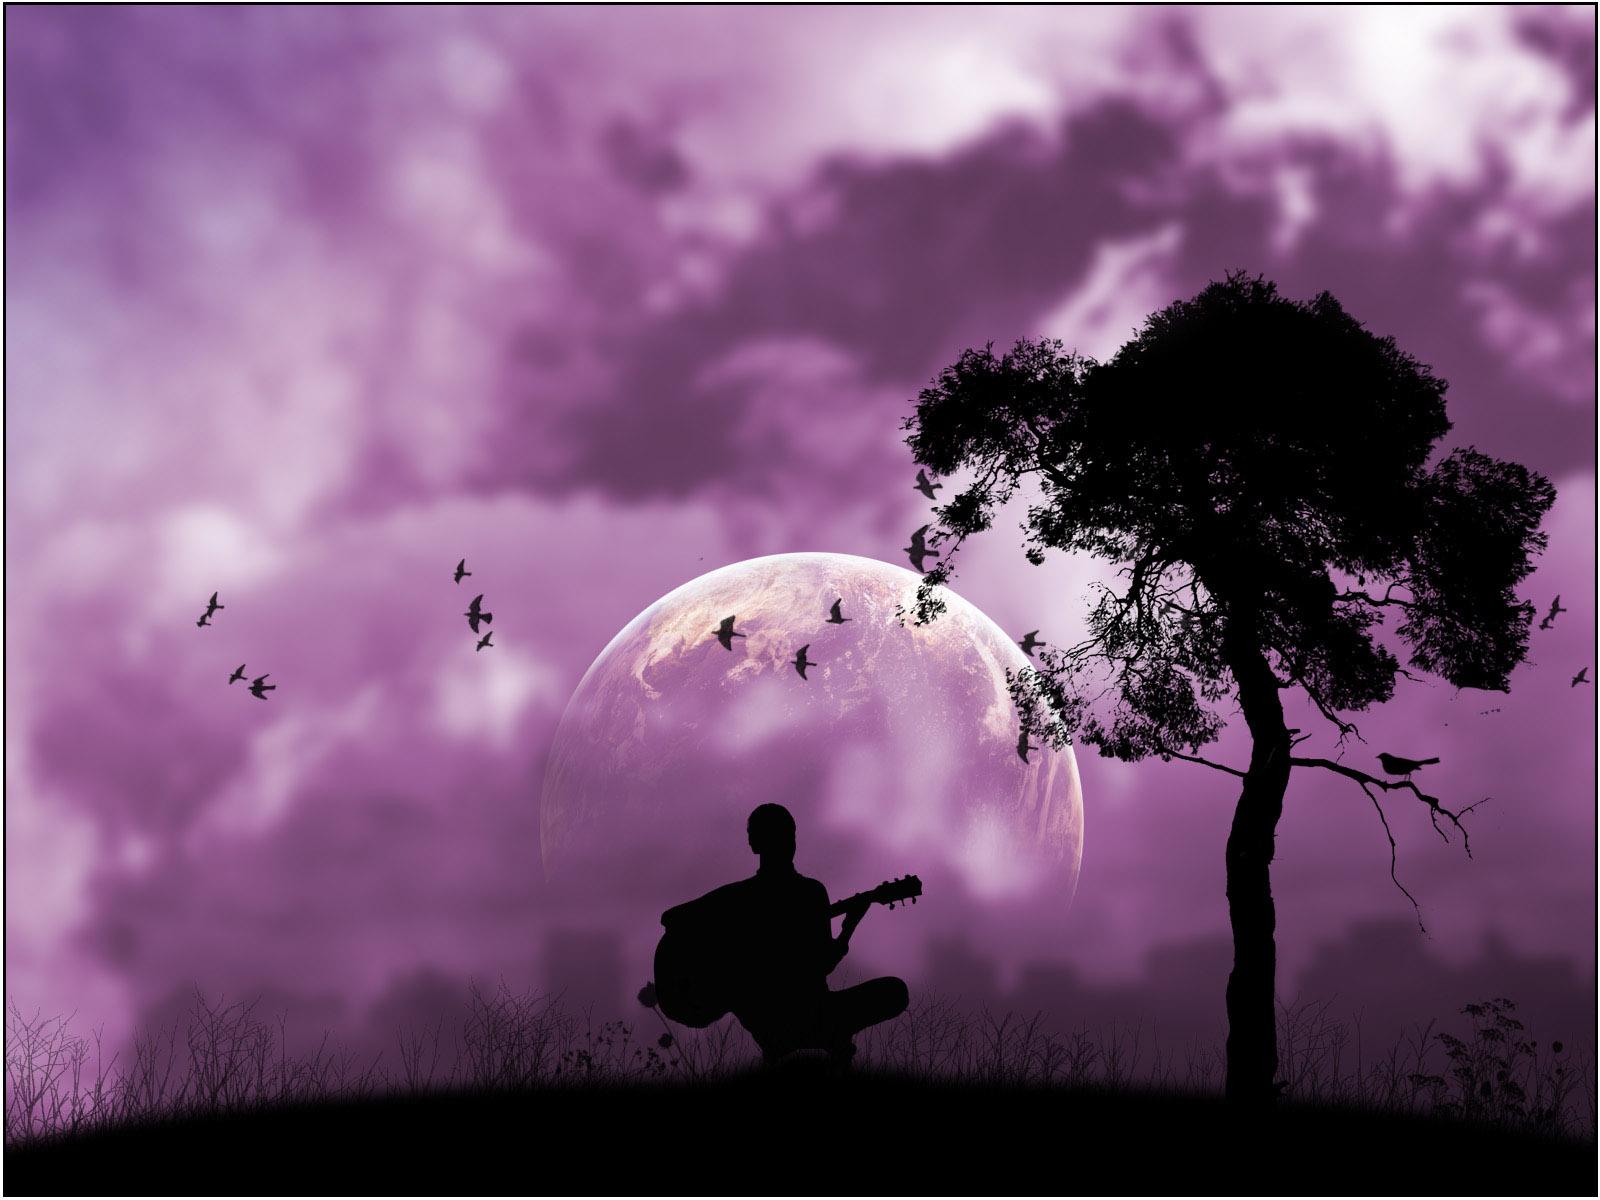 desktop purple wallpapers purple wallpaper purple background hd 27jpg 1600x1200